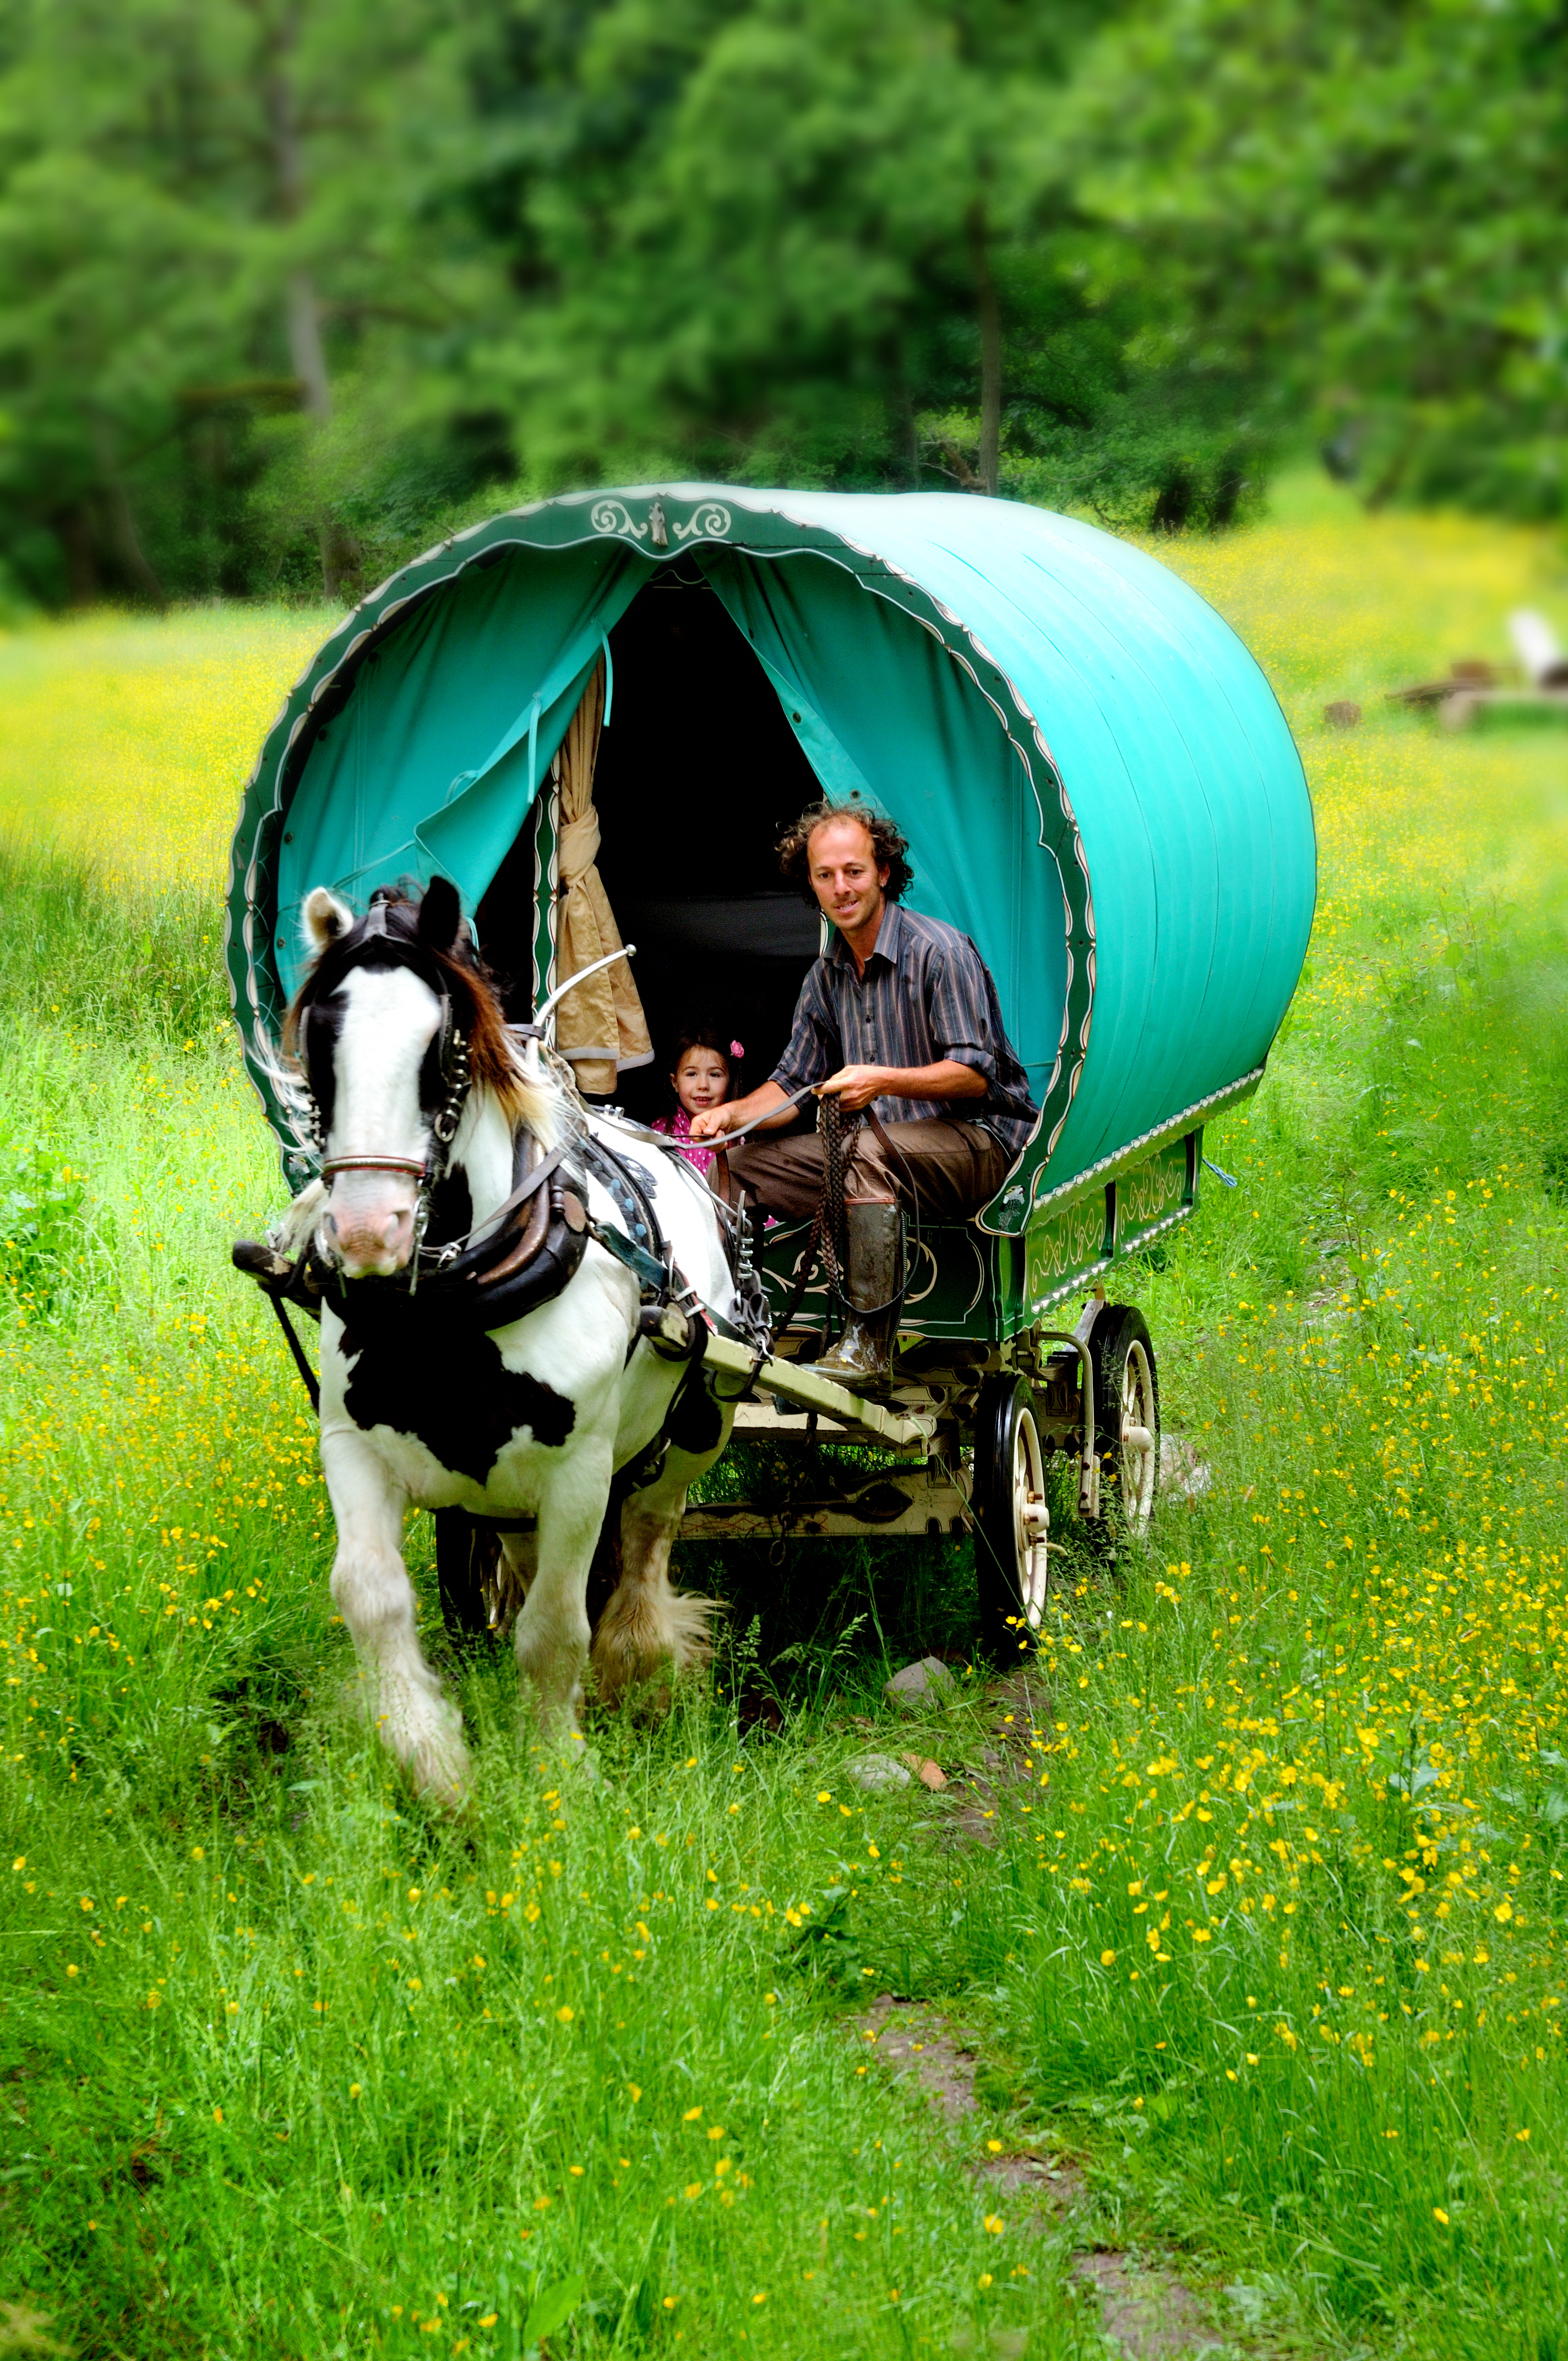 Wanderlusts Gypsy Caravans